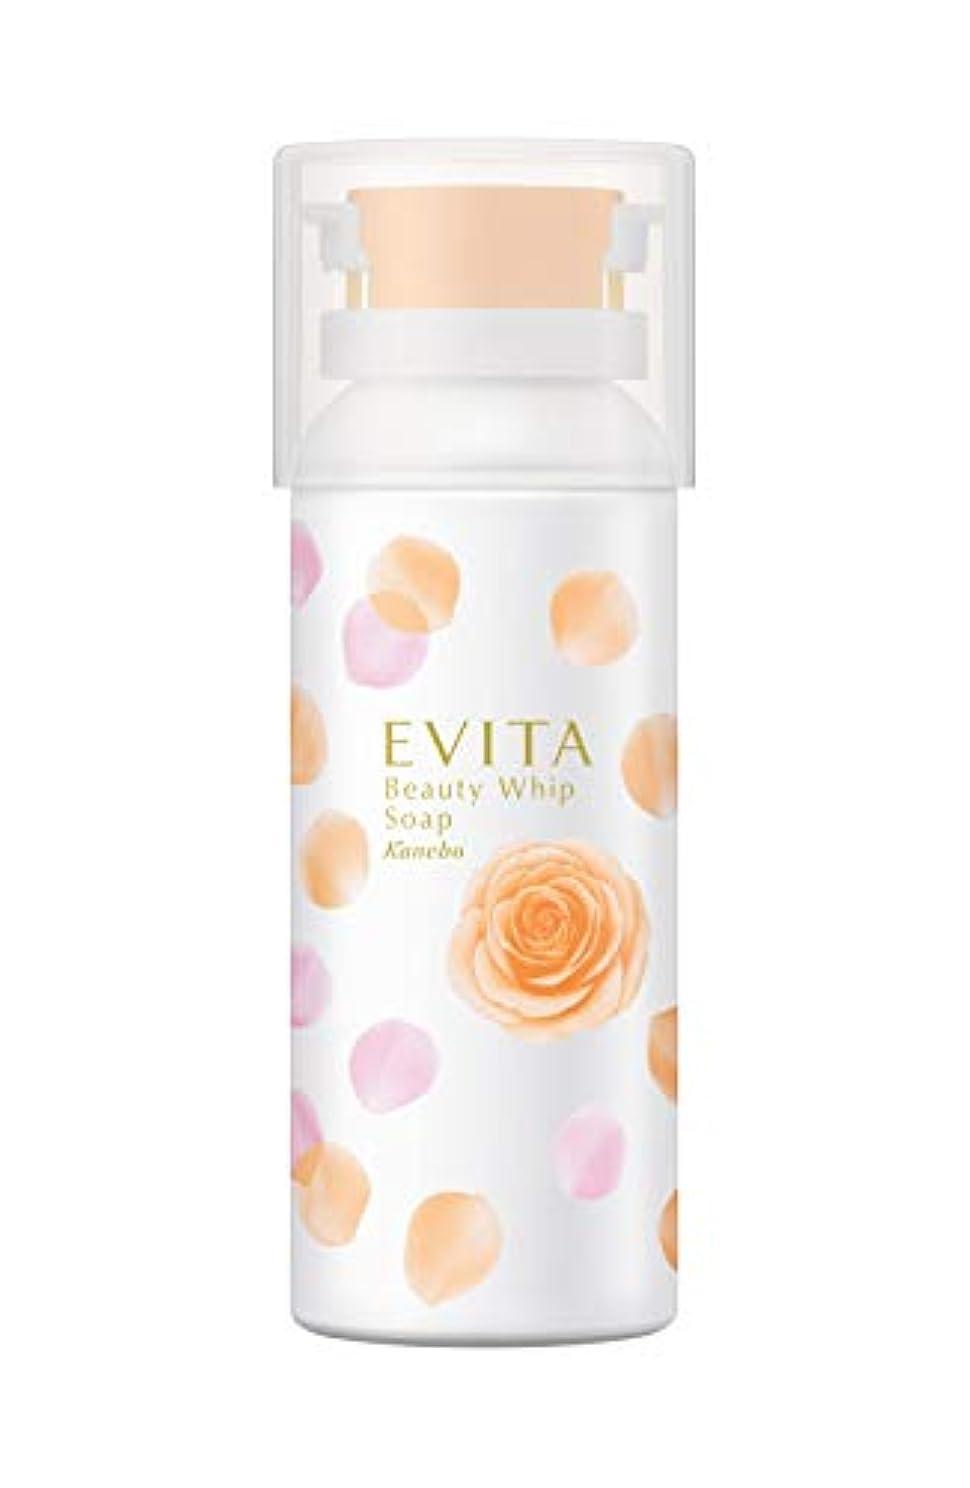 遠足心理的に誕生エビータ ビューティホイップソープ(ローズ&オレンジティーの香り) 洗顔料